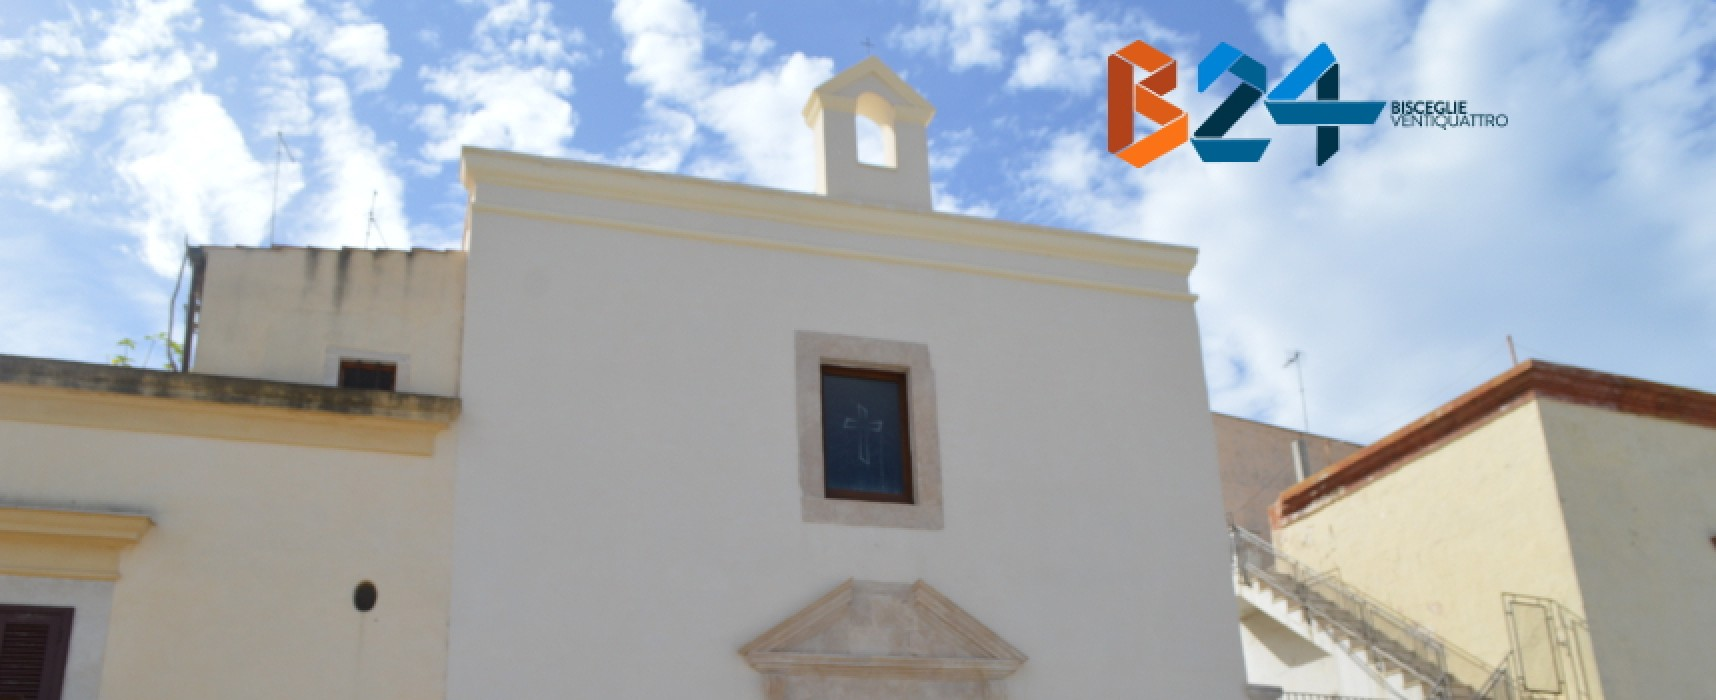 Chiesa Santissimo Salvatore, Esaltazione delle Croce: il programma della celebrazione